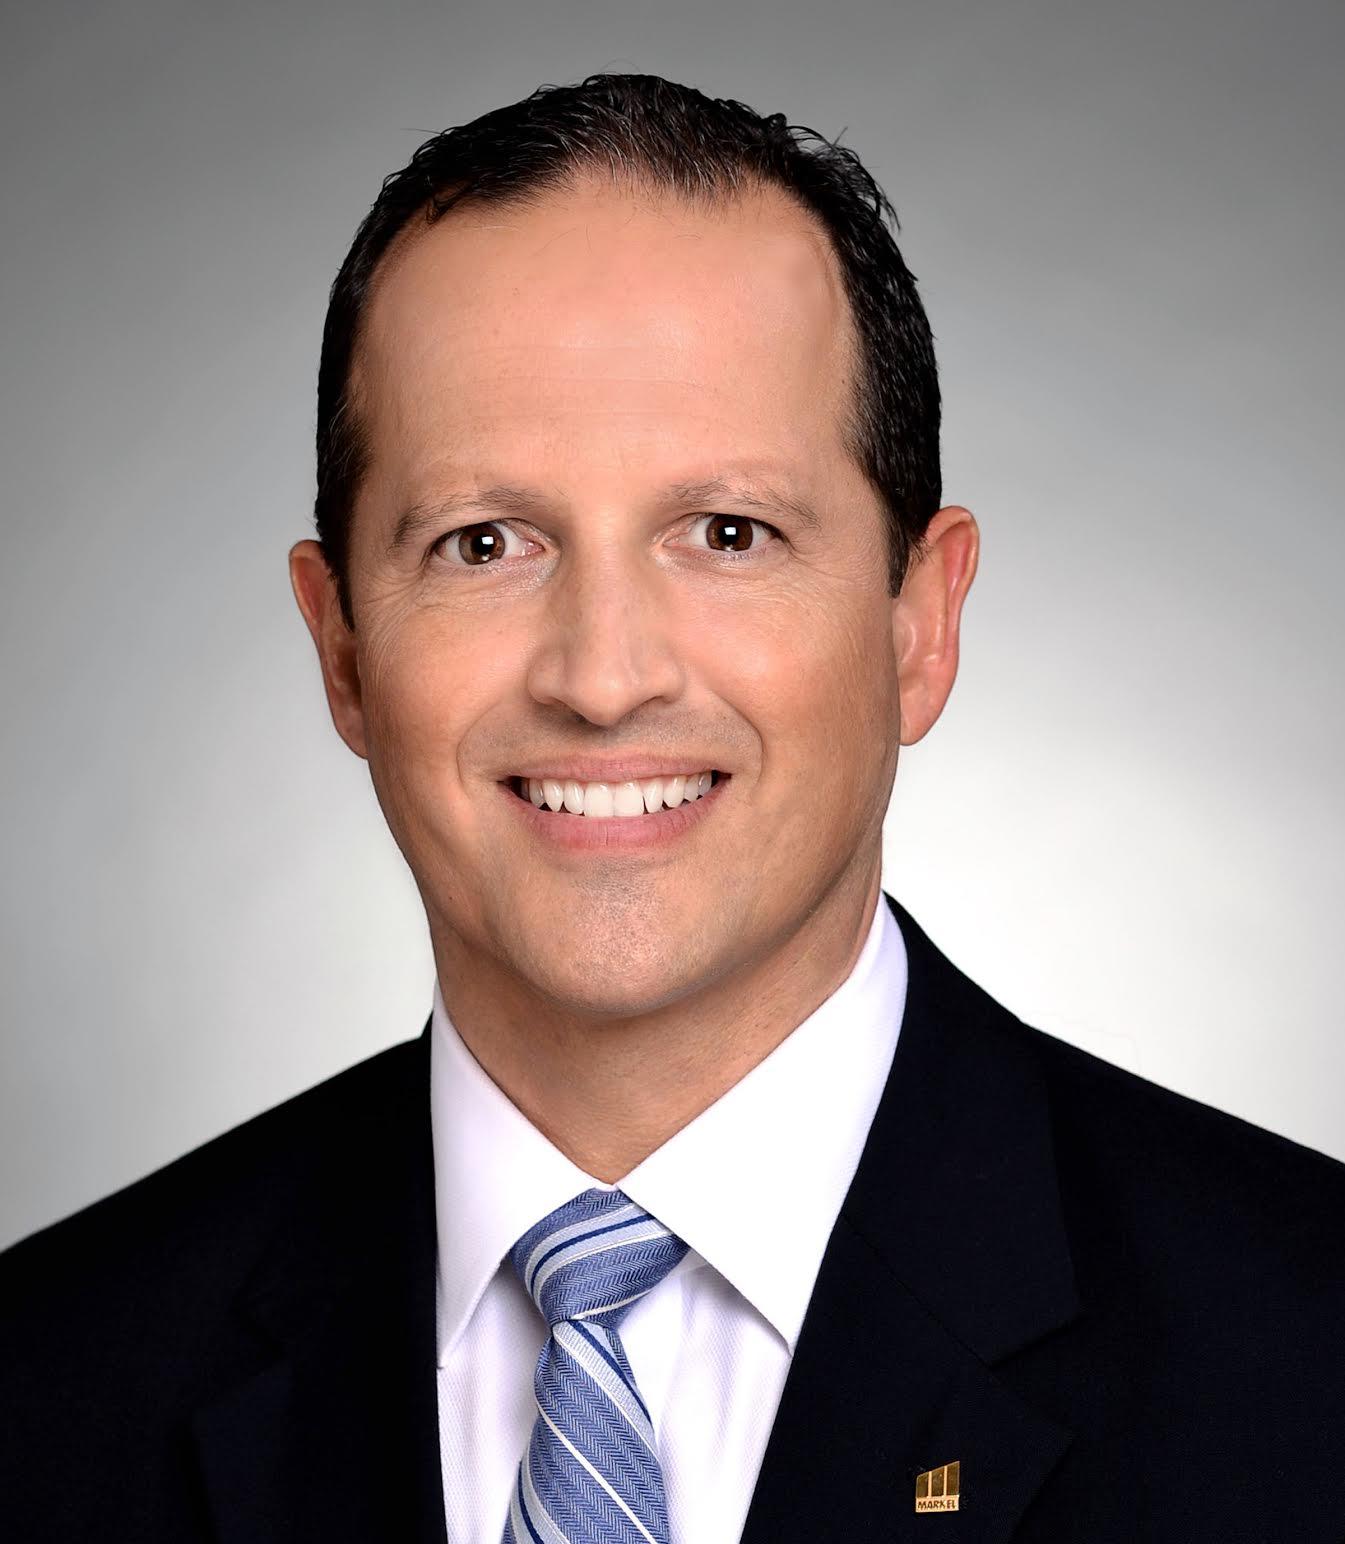 Michael Keimig